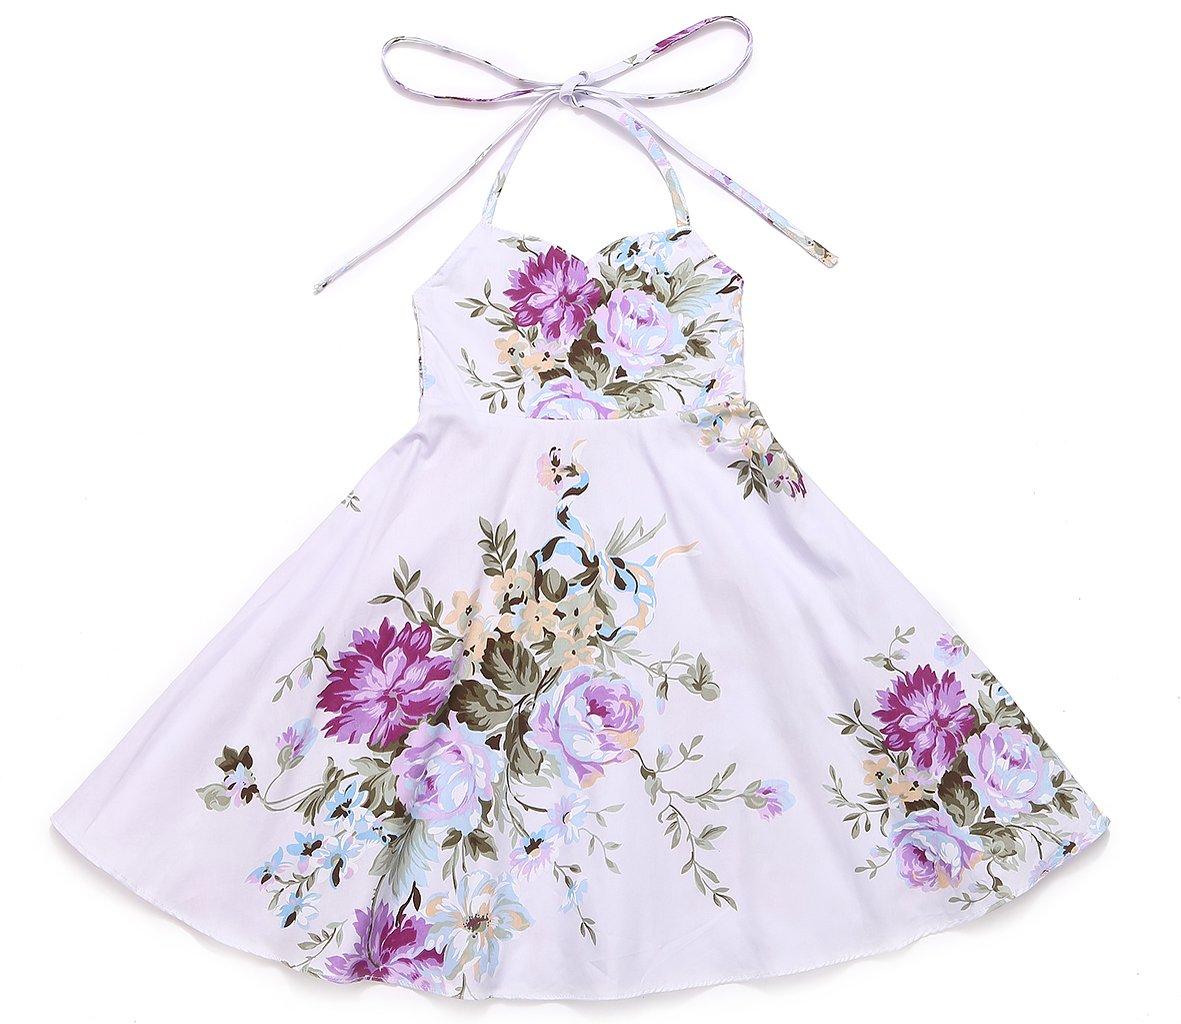 Flofallzique Floral Vintage Girls Dress Summer Holiday Party Toddler Girls Dress (6, Purple)